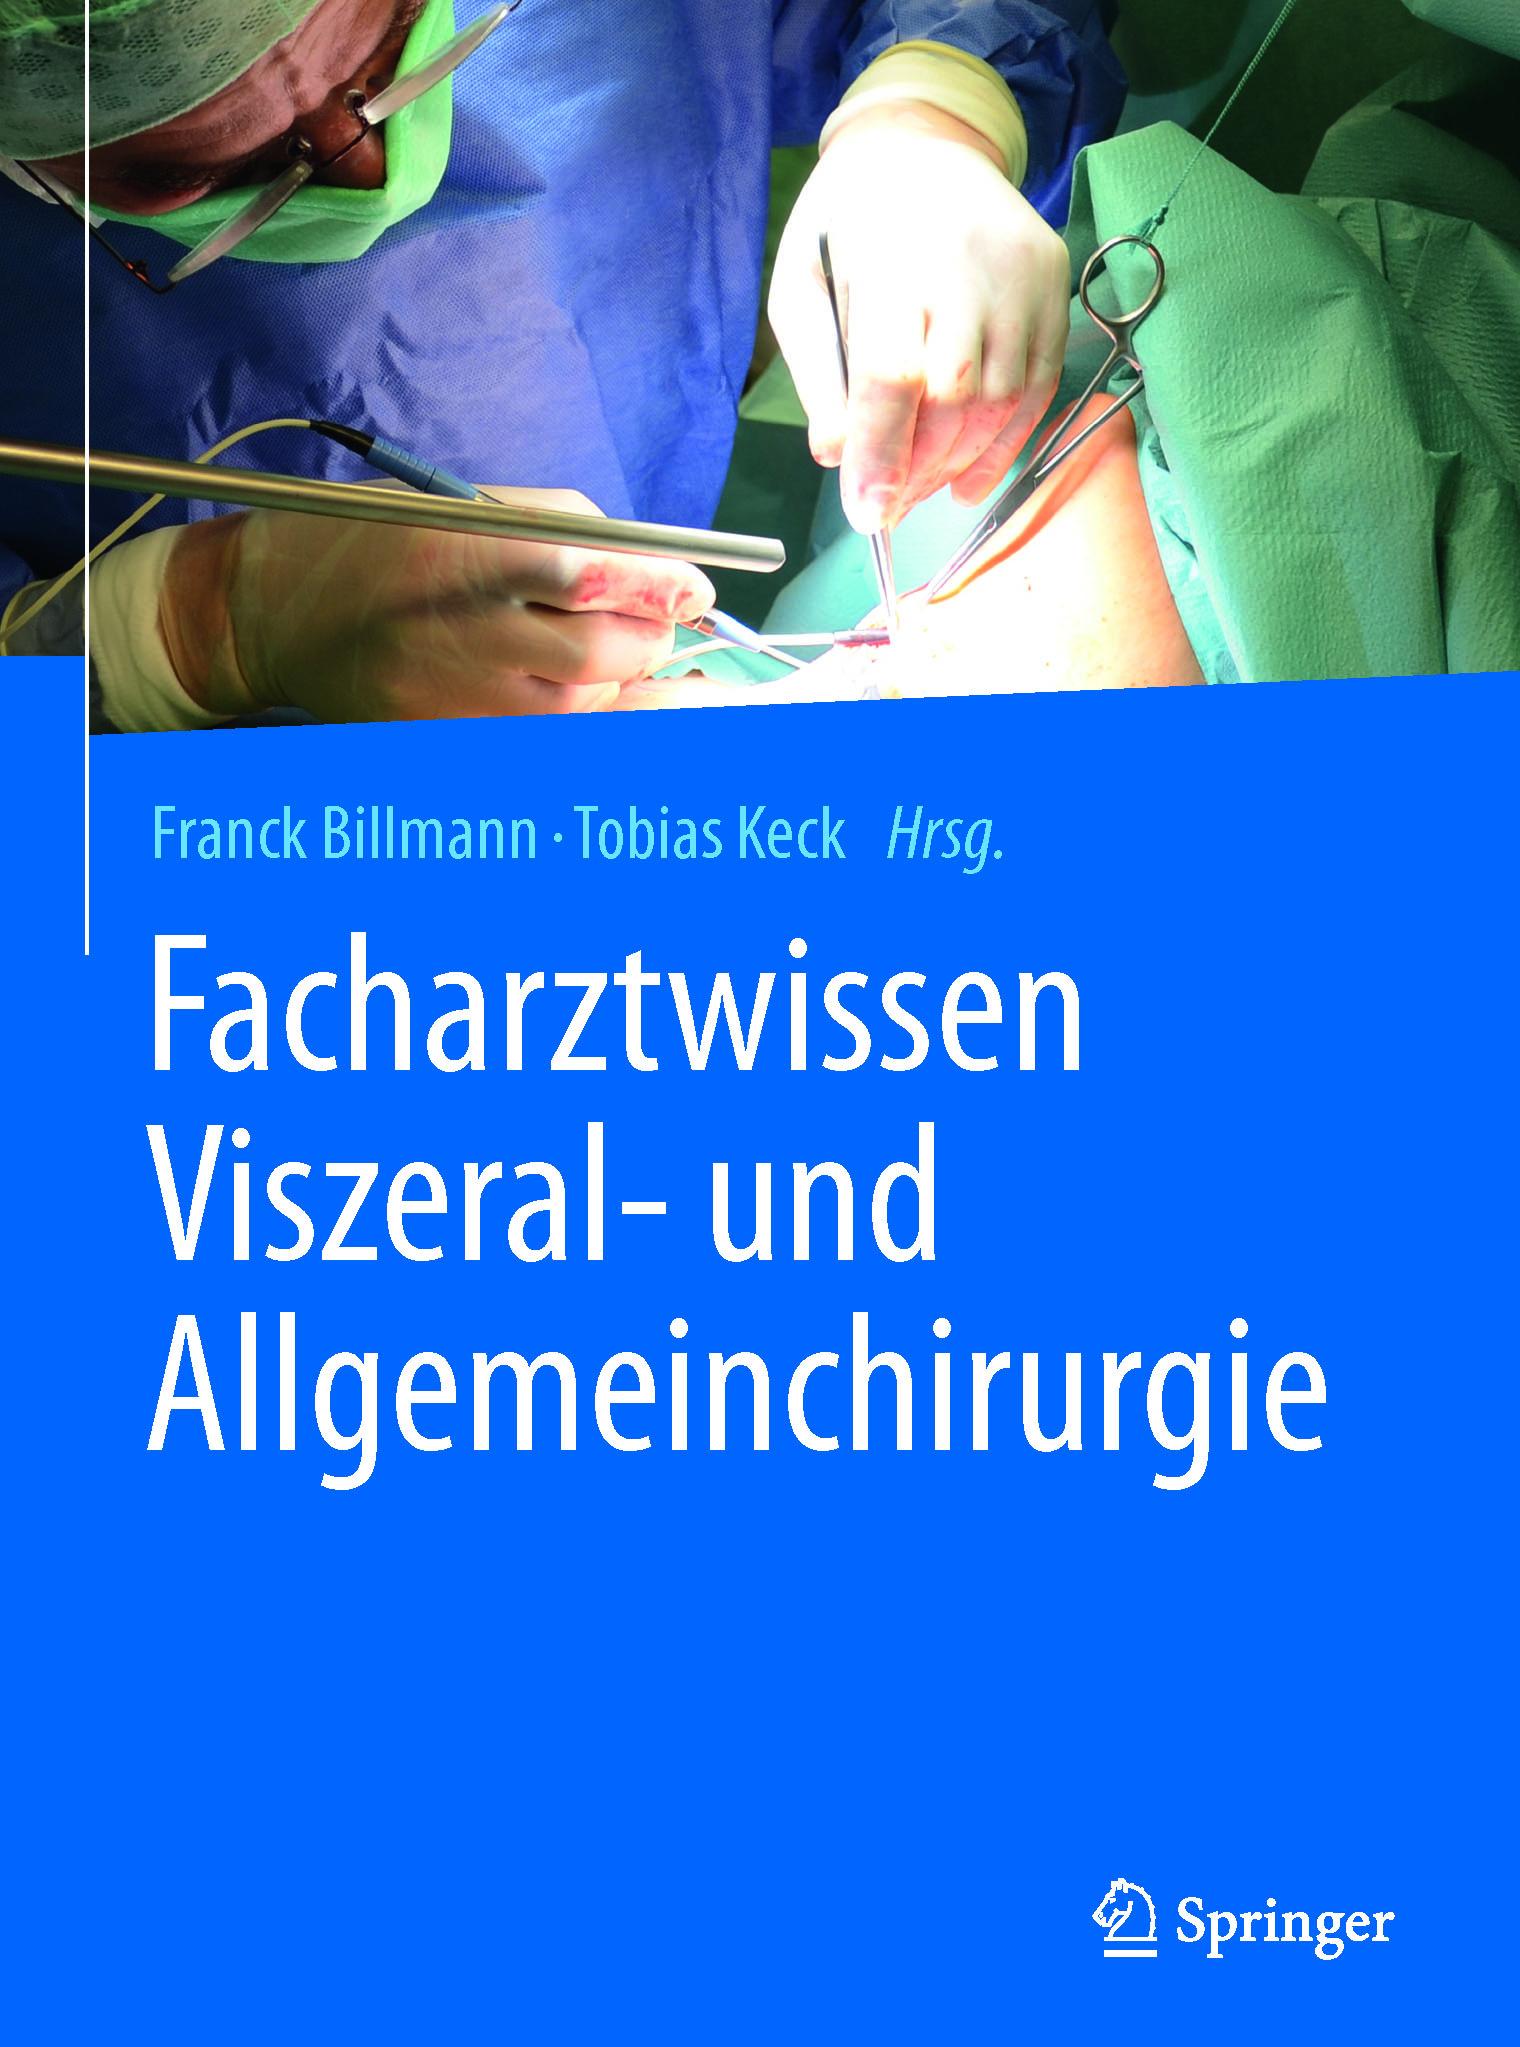 Billmann, Franck - Facharztwissen Viszeral- und Allgemeinchirurgie, ebook